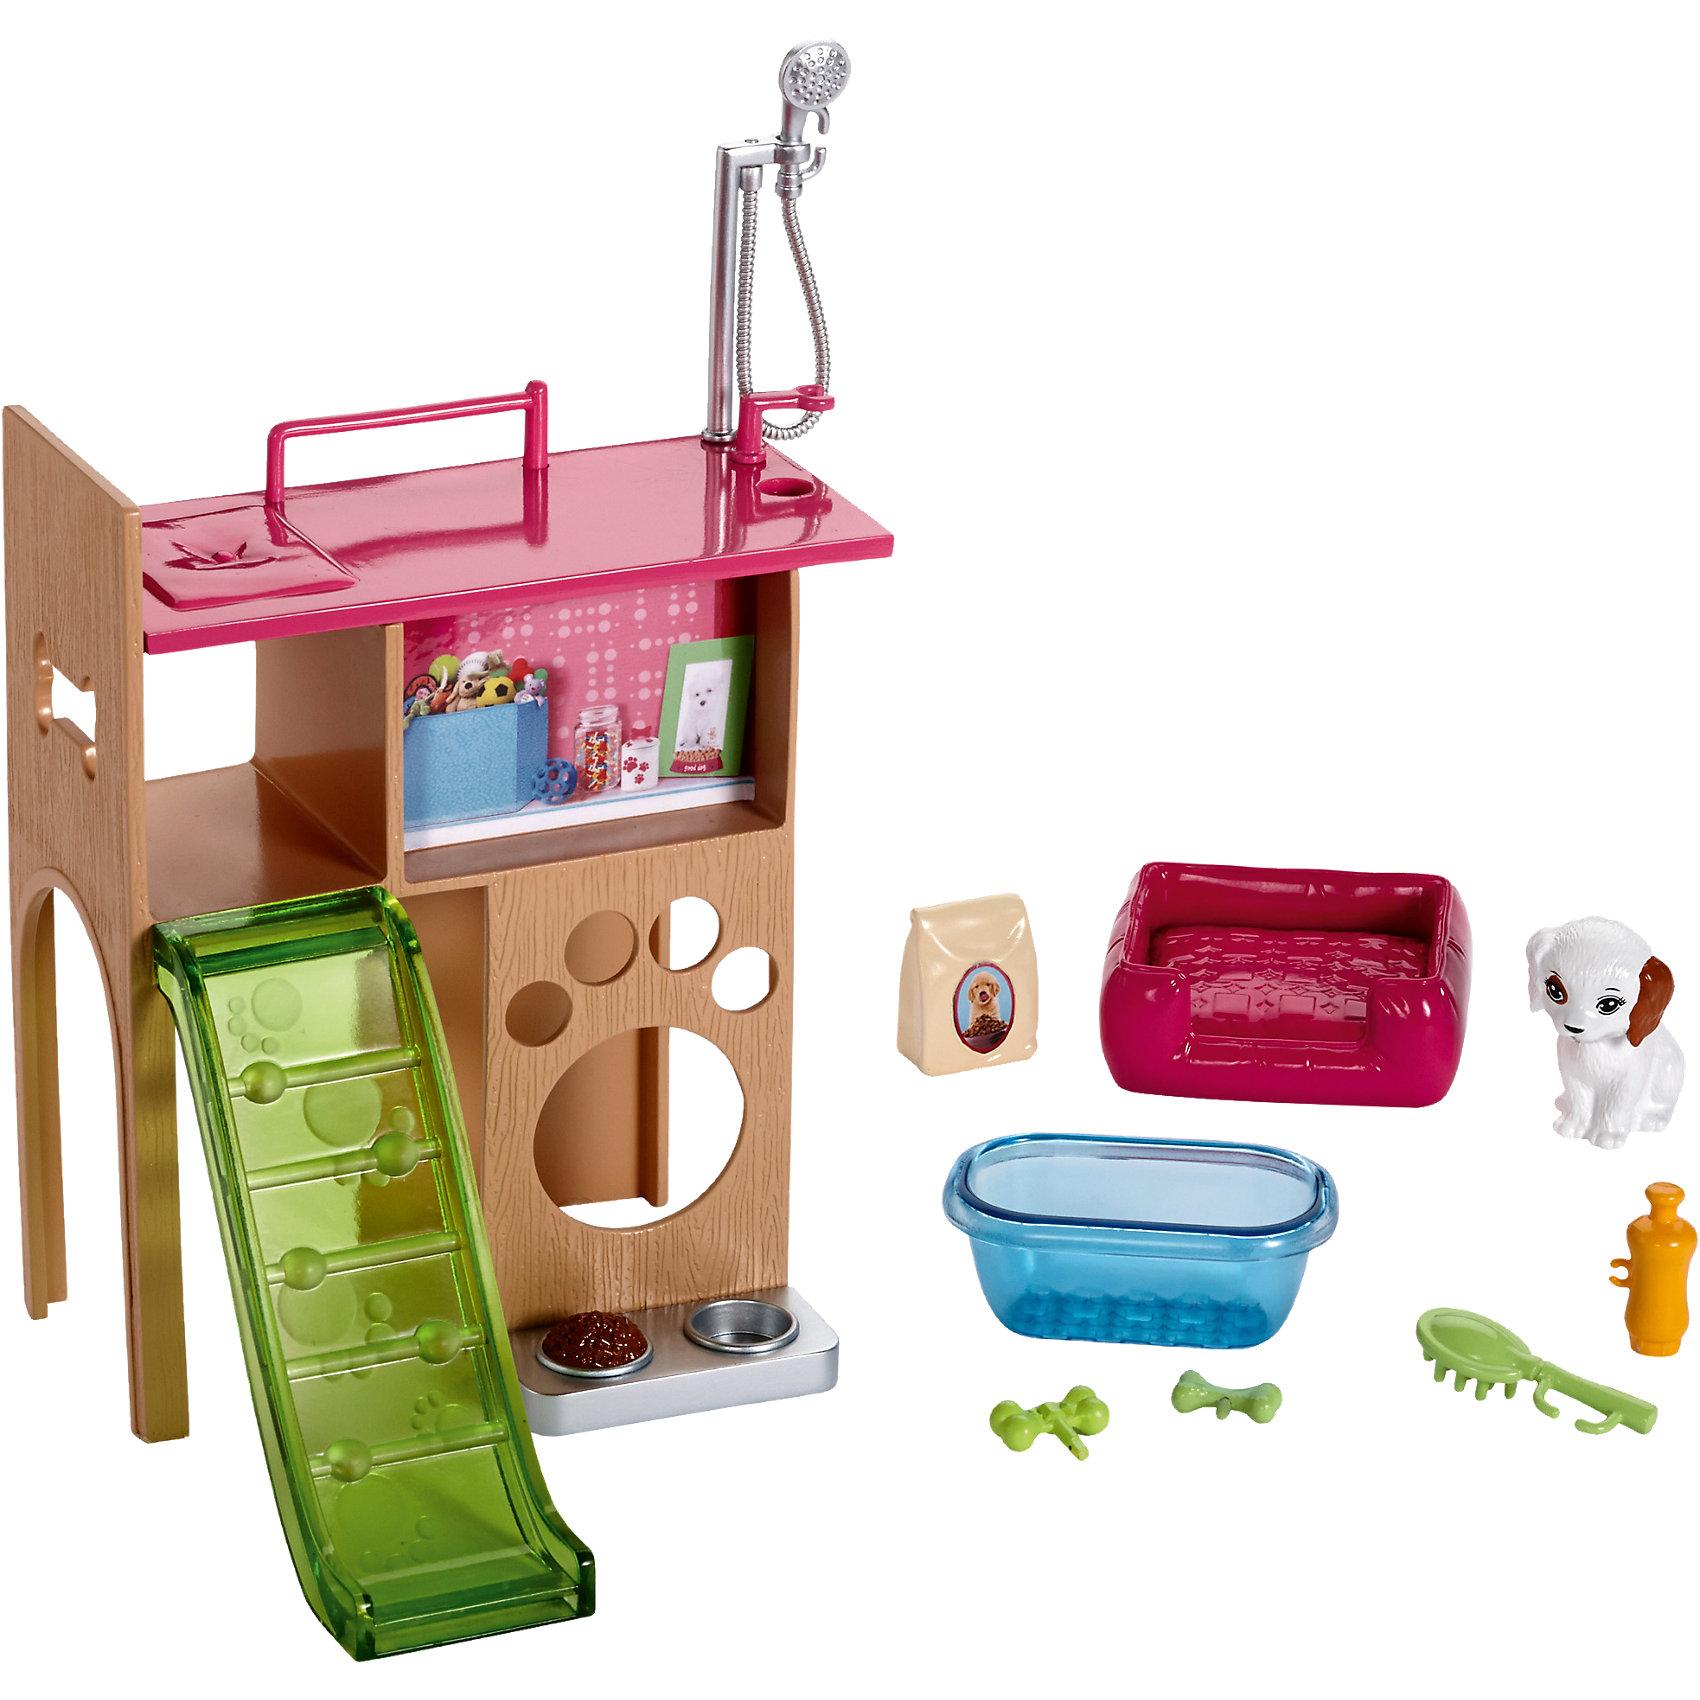 Набор мебели Уголок домашнего питомца из серии Отдых дома, Barbie<br><br>Ширина мм: 277<br>Глубина мм: 195<br>Высота мм: 88<br>Вес г: 305<br>Возраст от месяцев: 36<br>Возраст до месяцев: 72<br>Пол: Женский<br>Возраст: Детский<br>SKU: 5257115